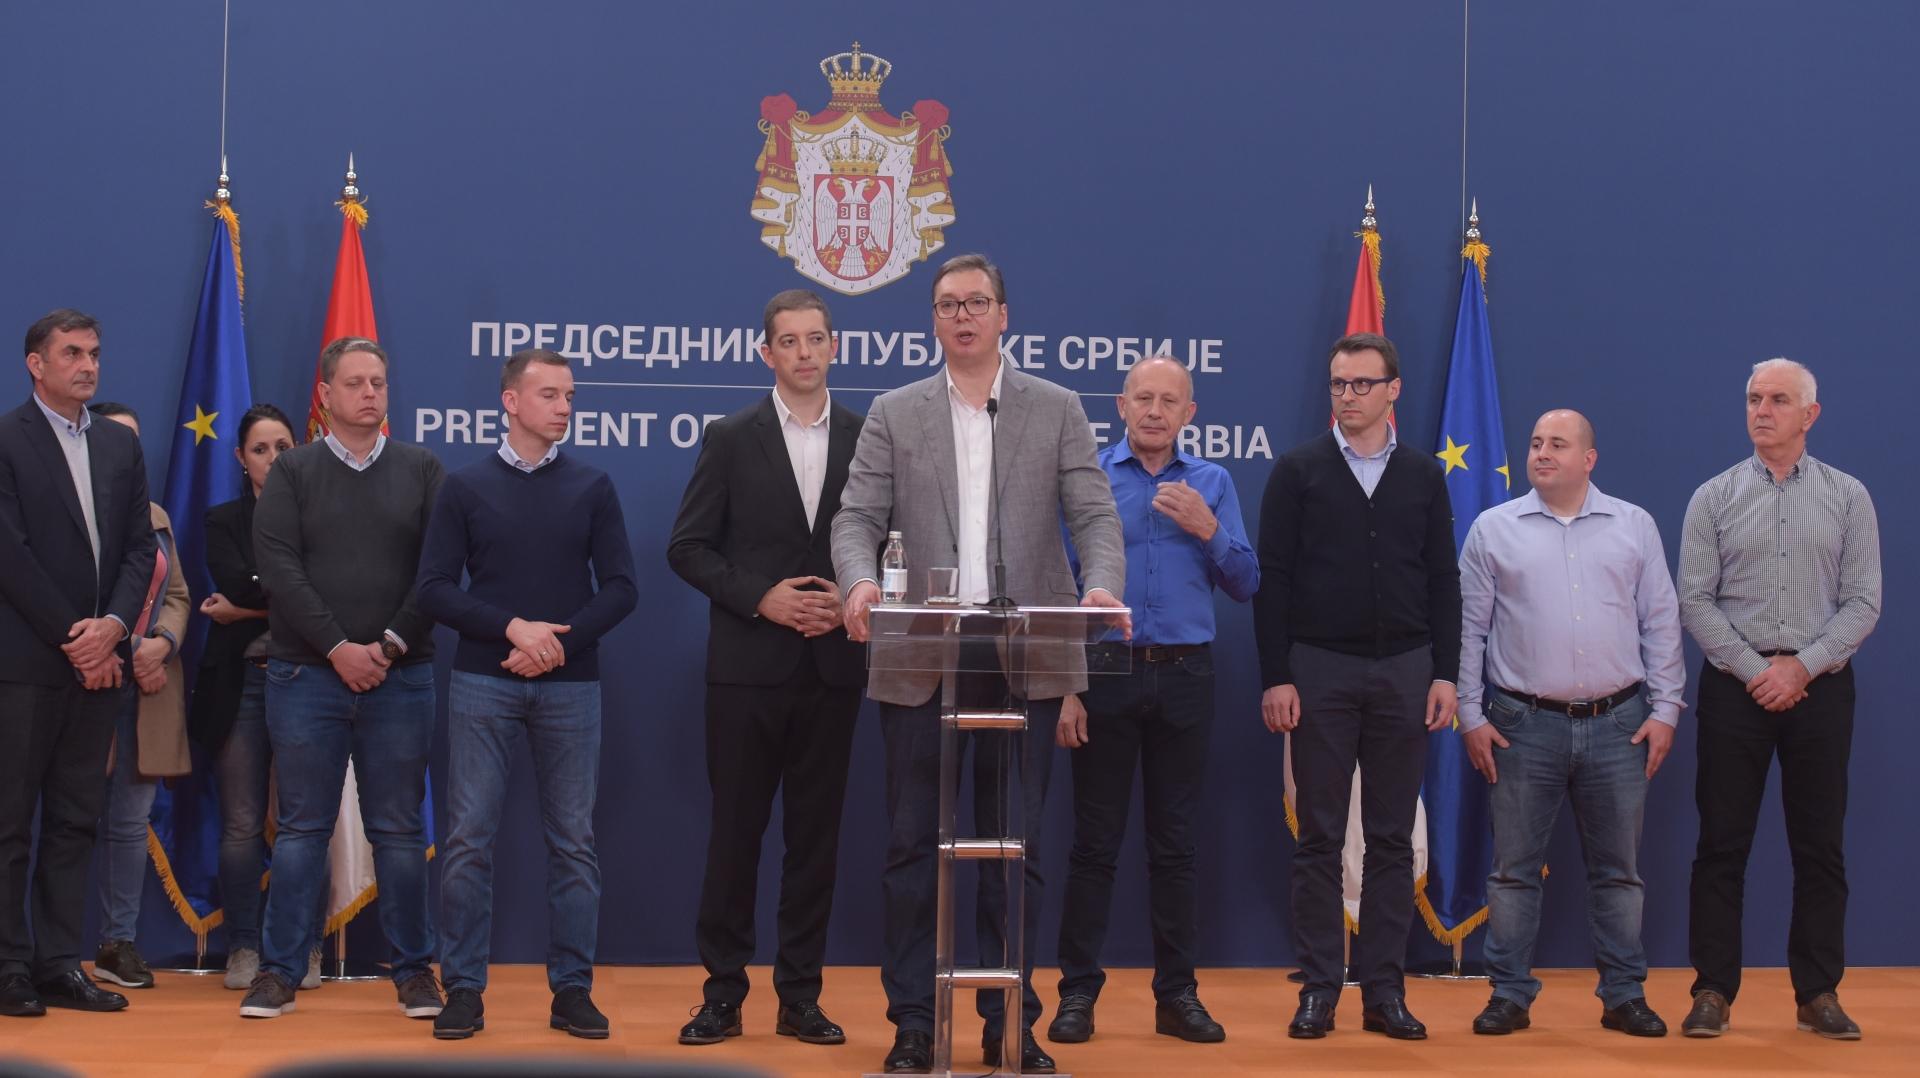 Predsednik Srbije Aleksandar Vucic, cestitao je Srpskoj listi uspeh na vanrednim izborima na KiM.